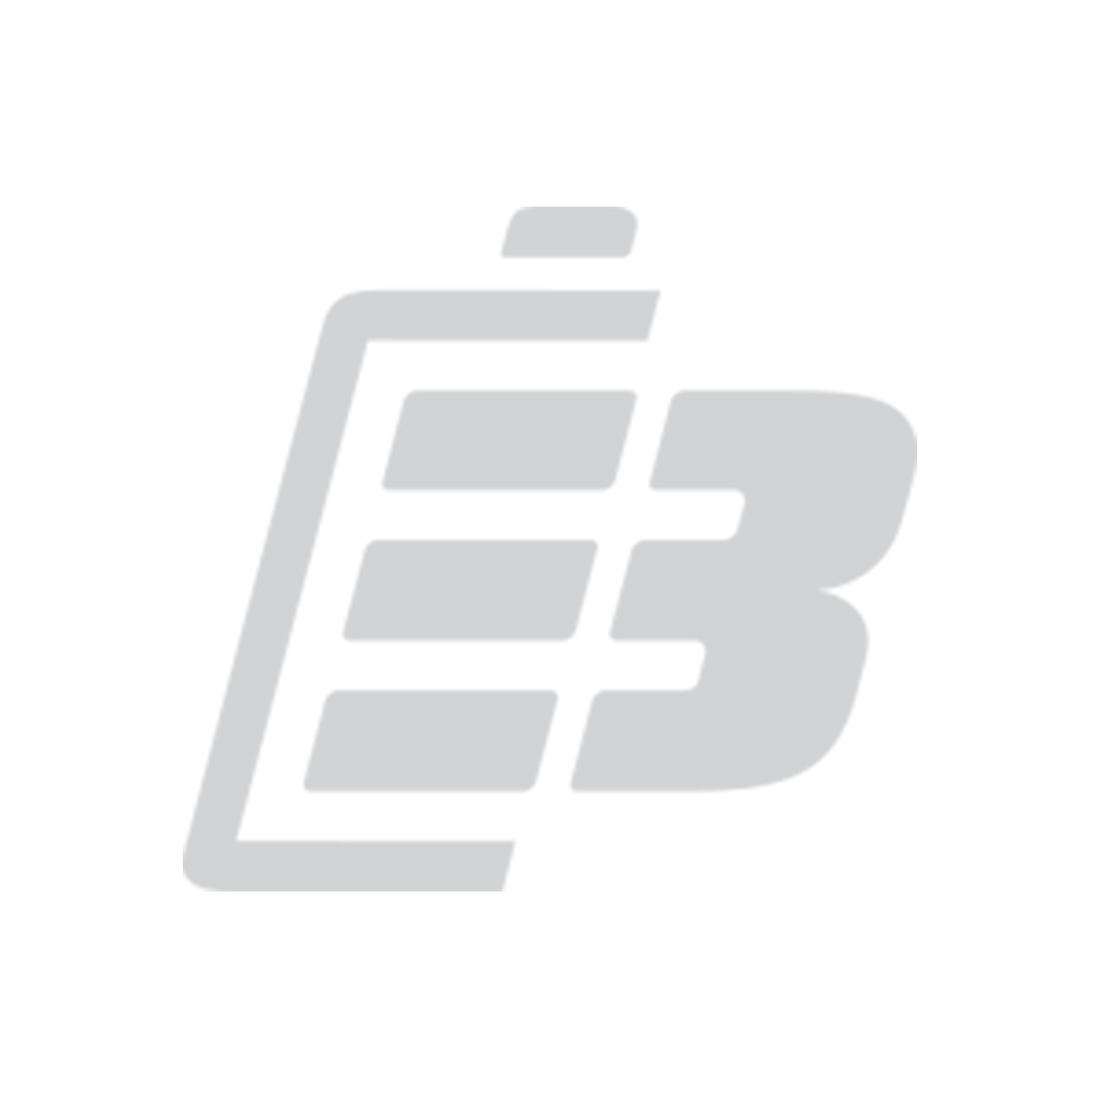 Μπαταρία MP3 Sandisk E200_1